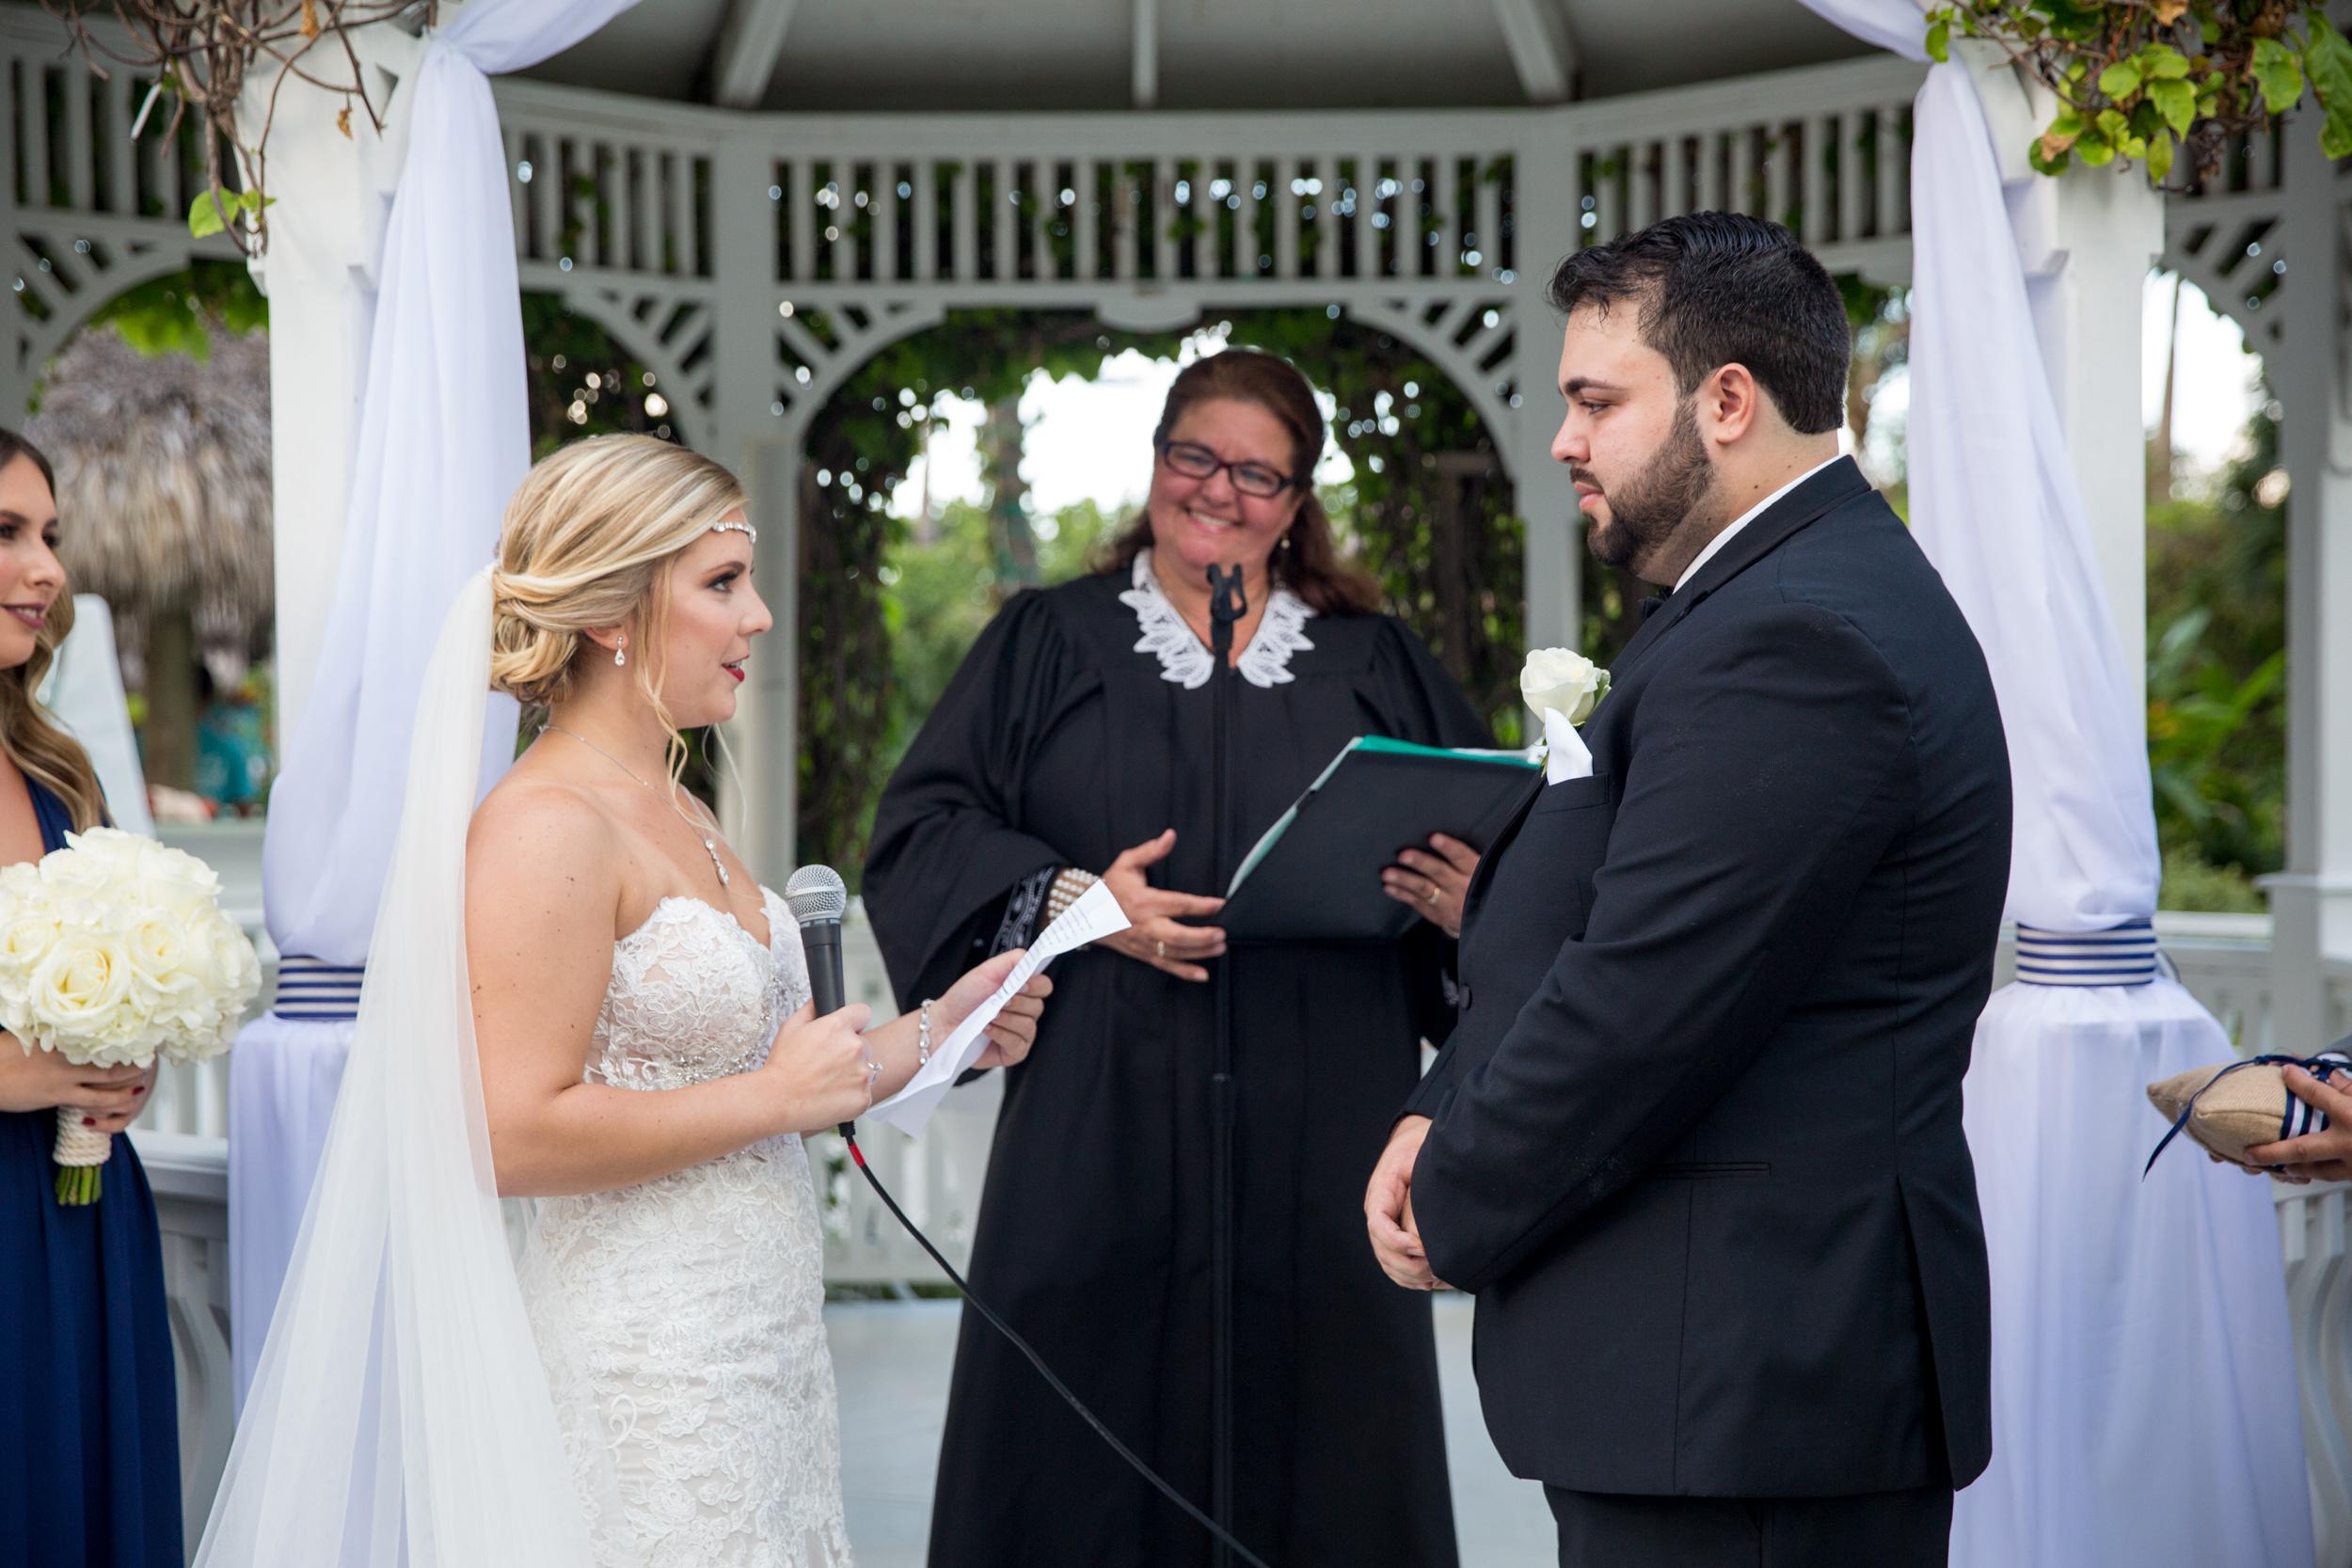 10-14-17_AshleyRichard_Wedding-71.jpg